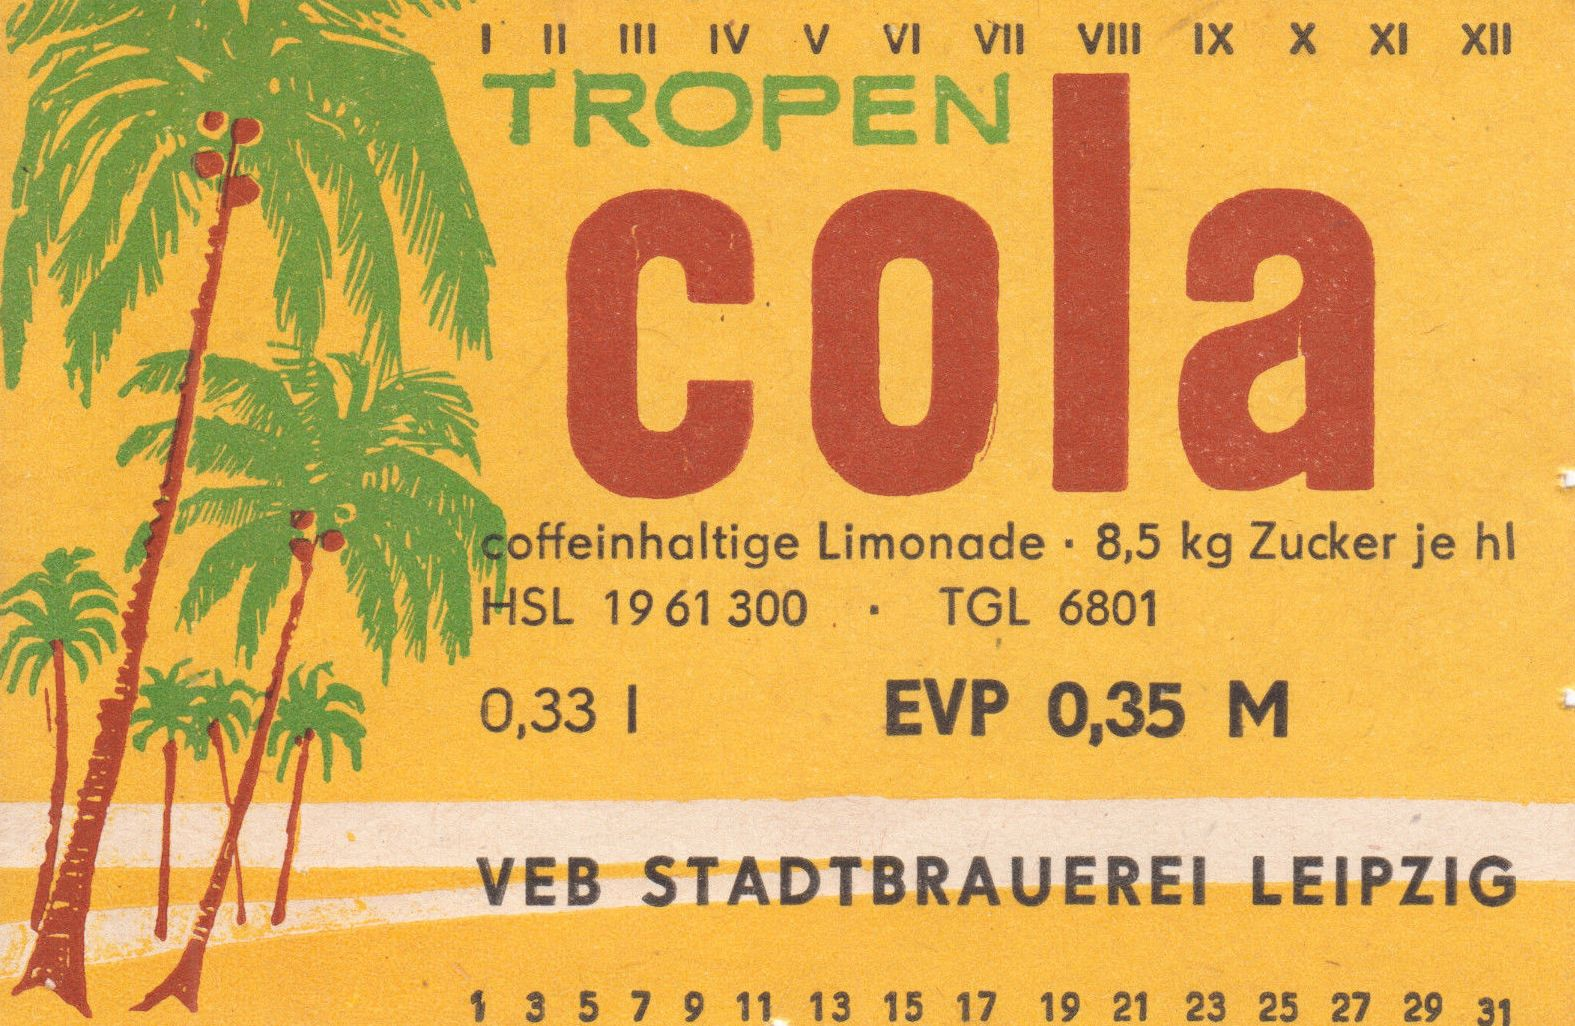 Tropen Cola, VEB Stadtbrauerei Leipzig (Bild: historisches Etikett)